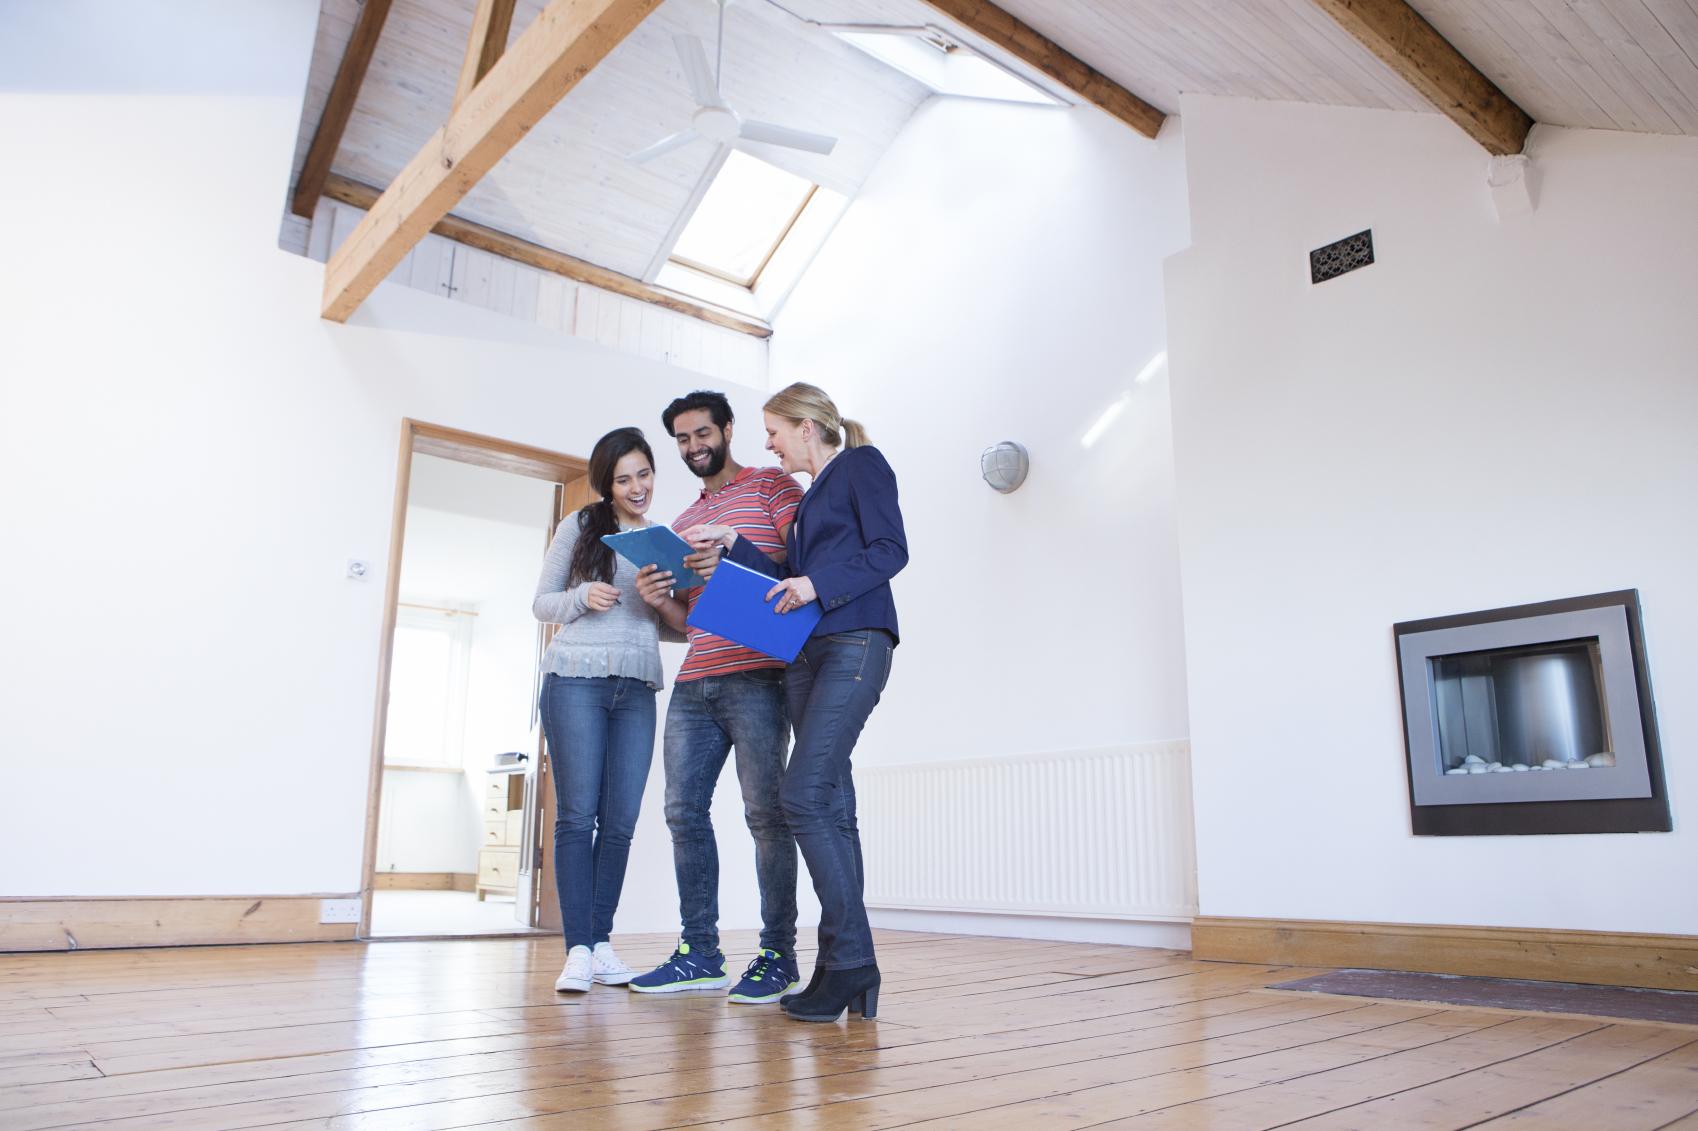 Wohnung suchen aktuelle mietwohnungen auf for Suchen wohnung